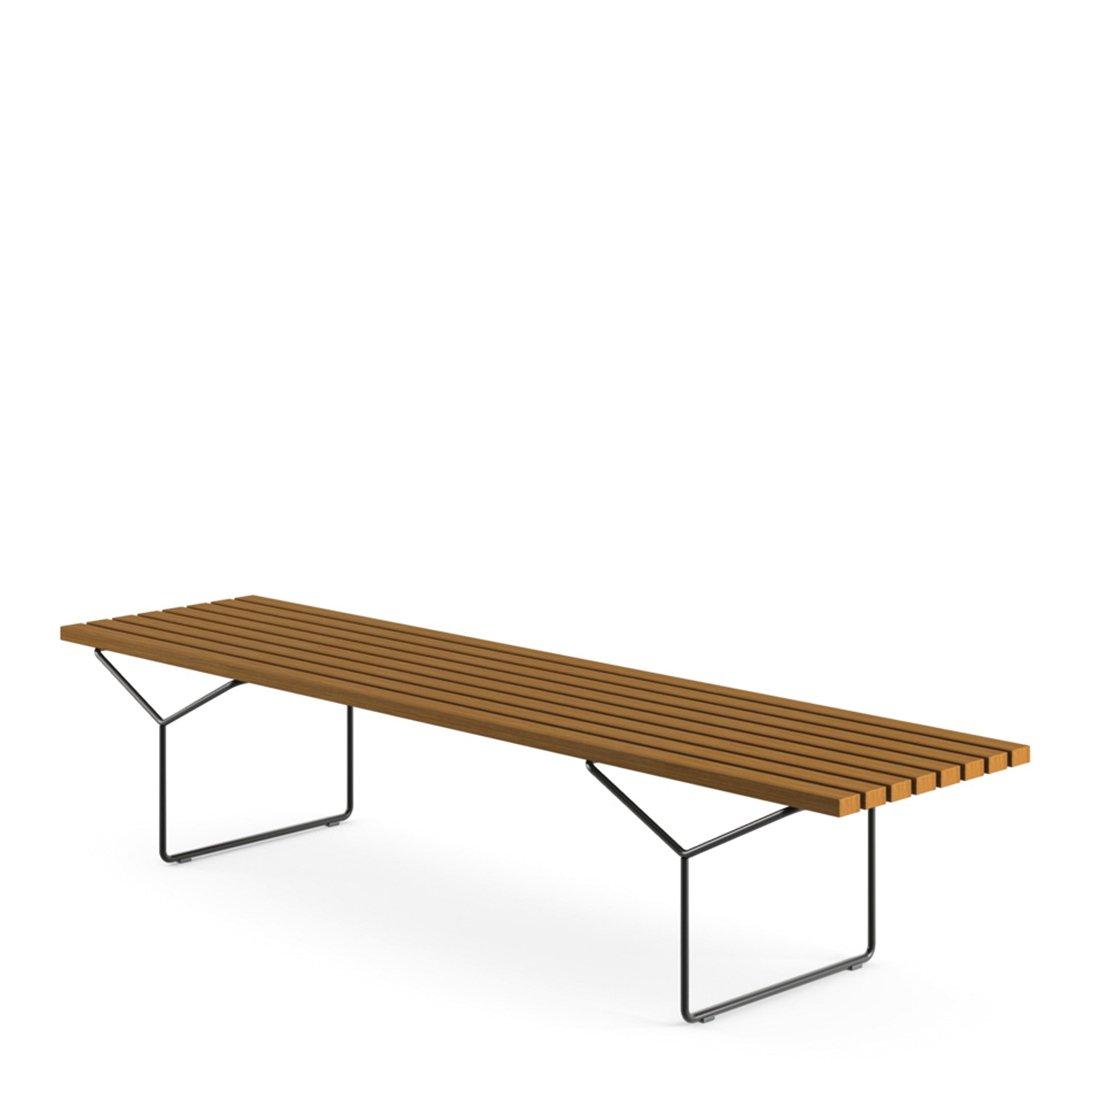 Knoll Outdoor Bertoia Bench - Teak/Zwart